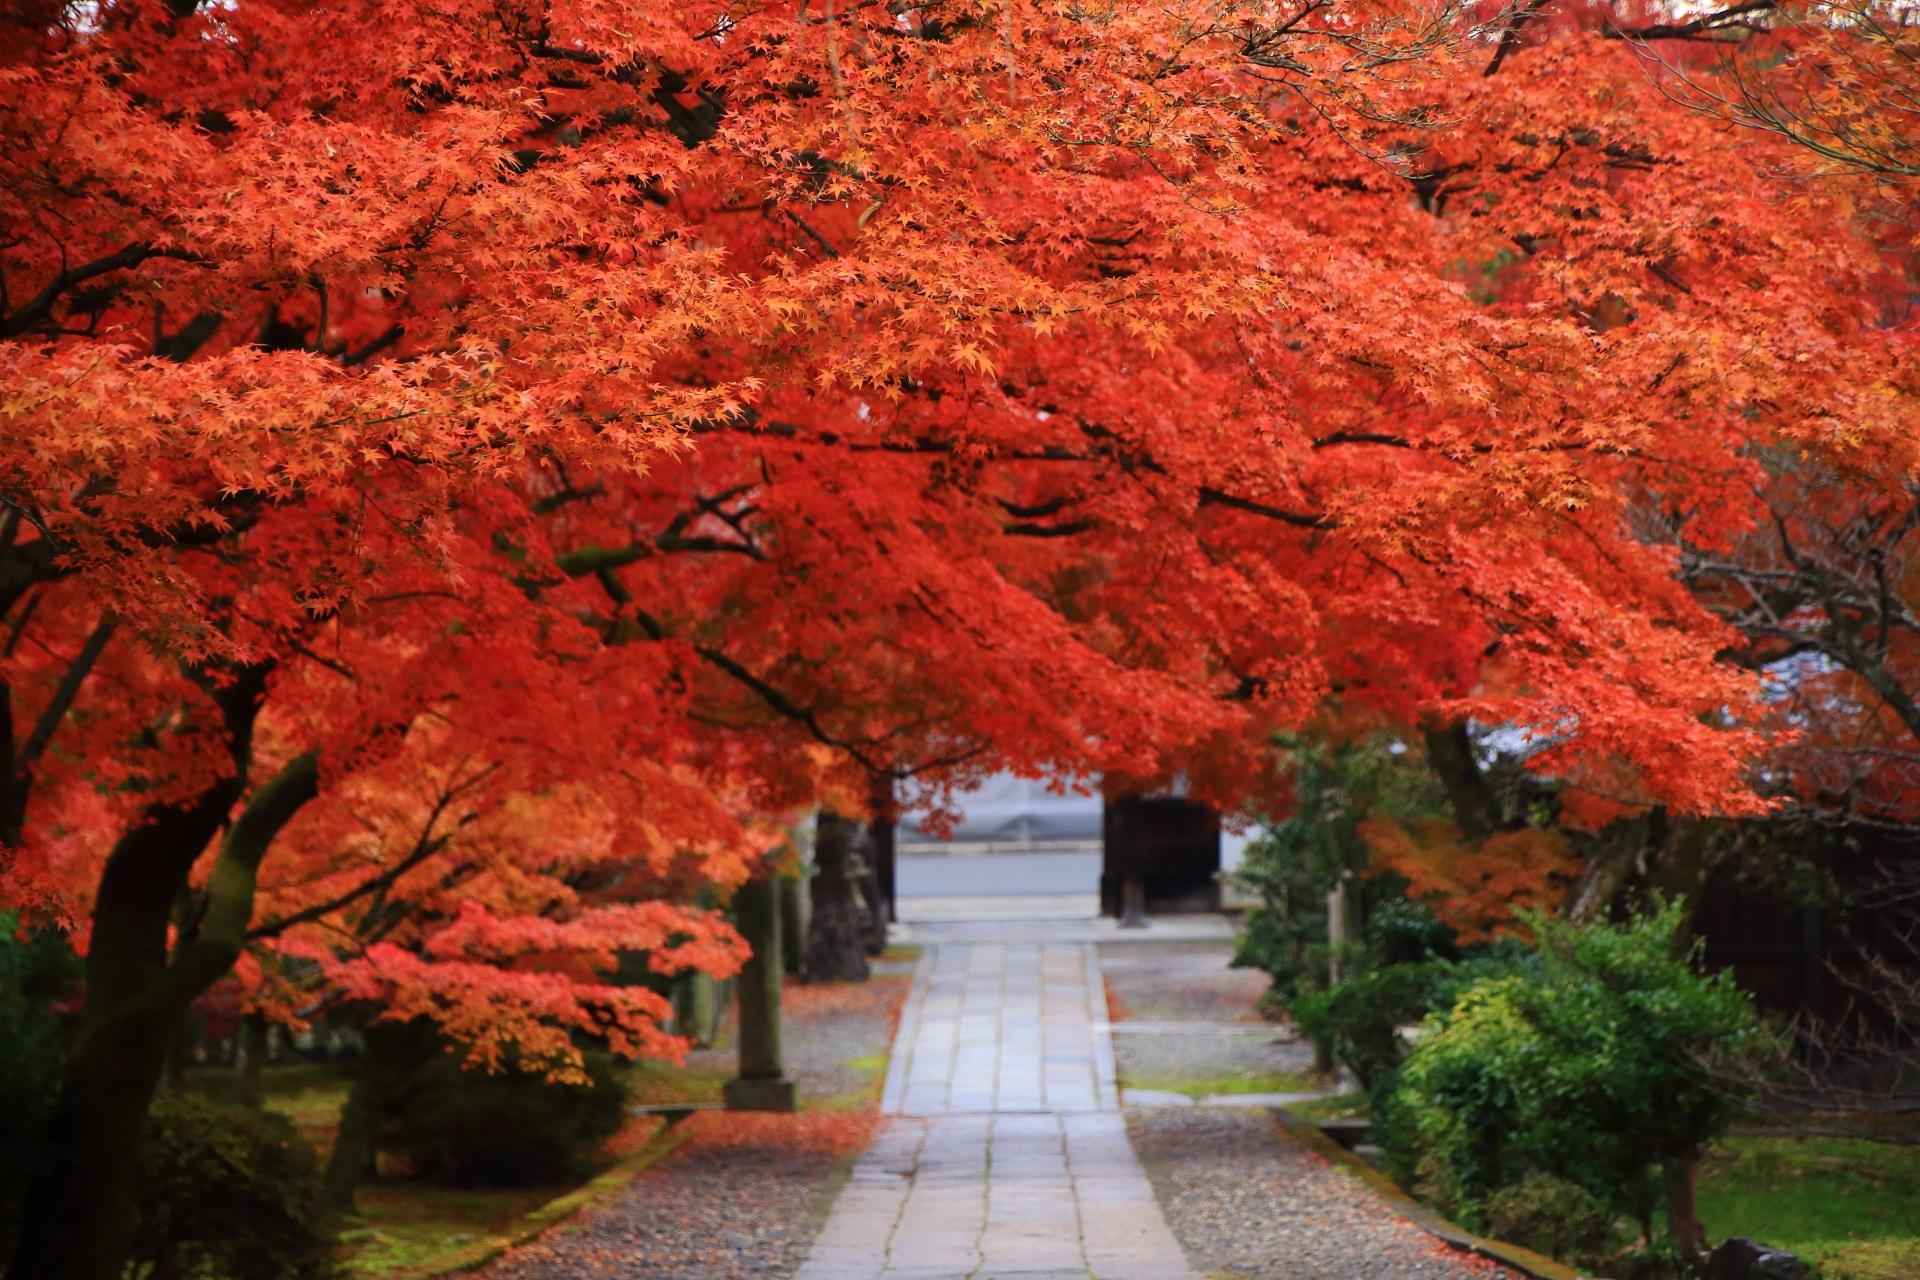 養源院の秋色につつまれた極上の参道